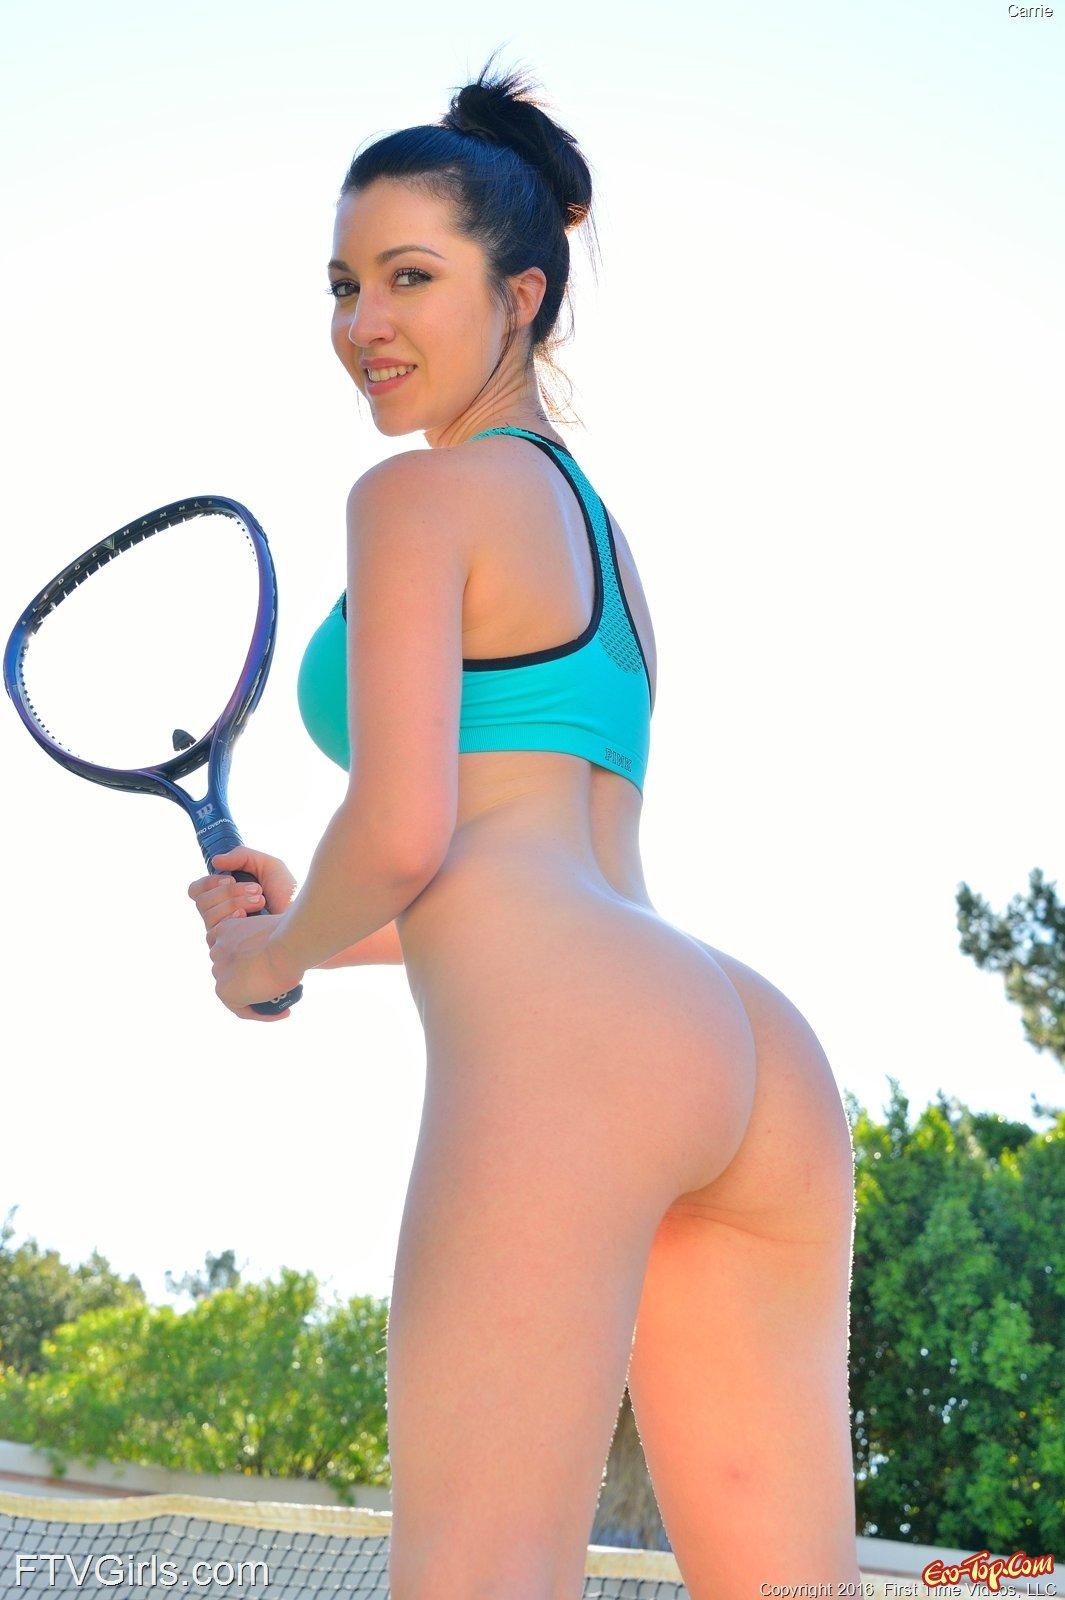 Голая теннисистка с упругой попой